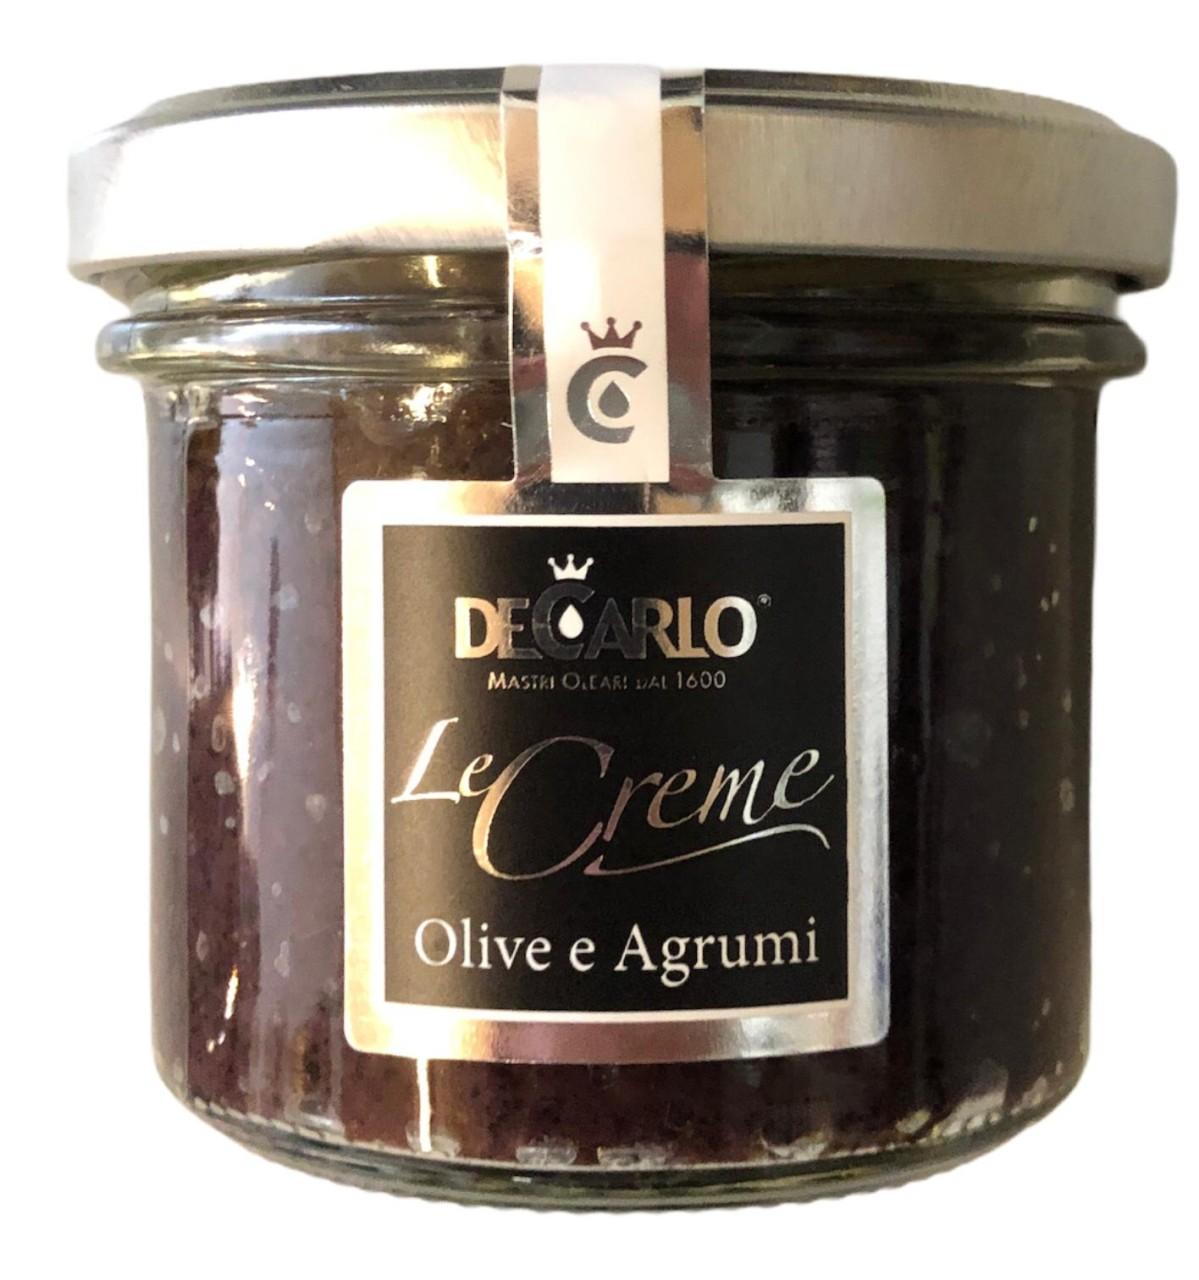 De Carlo Le creme Olive a Agrumi 100g